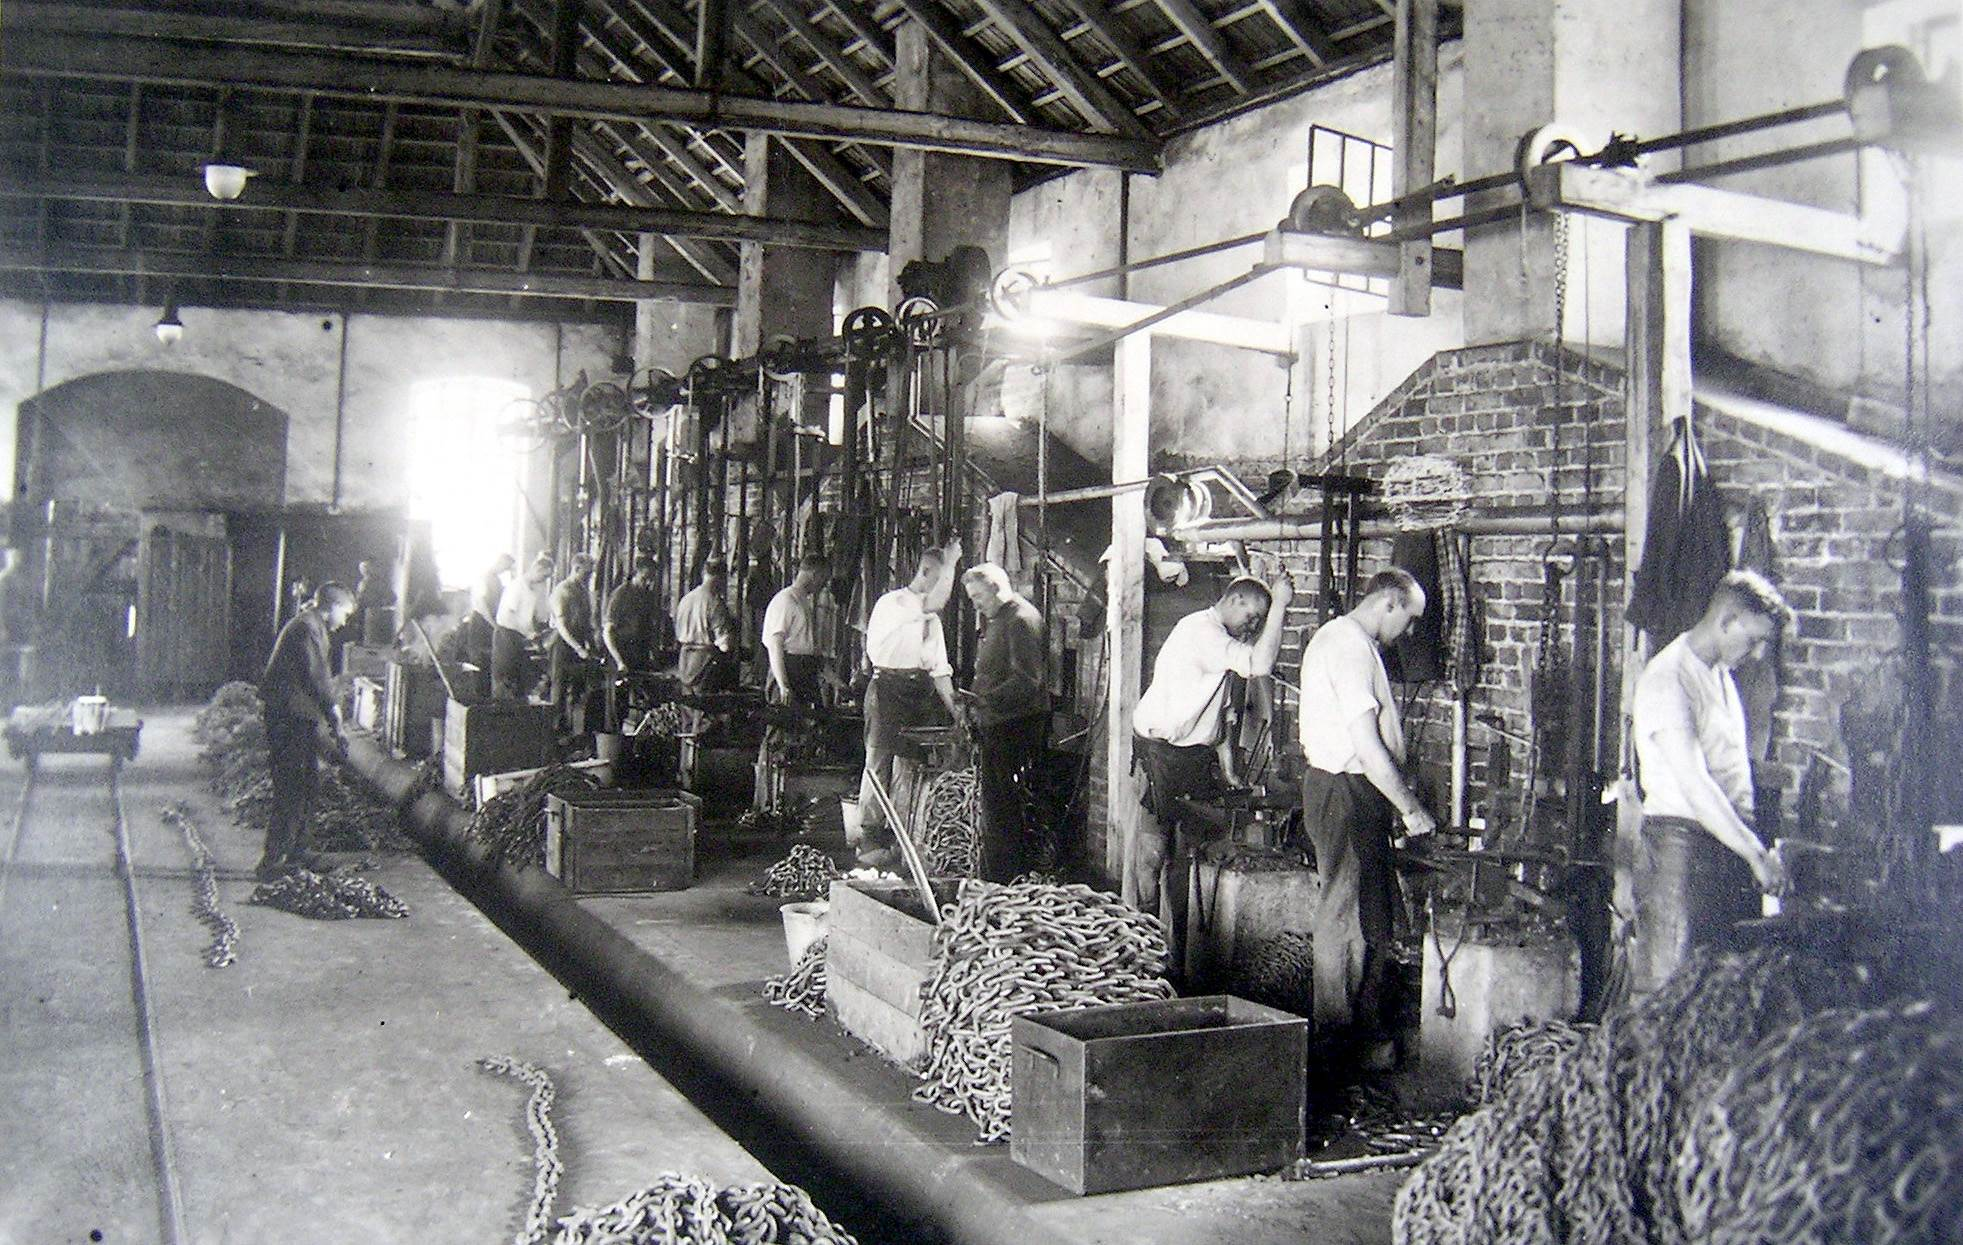 Kettenschmiede bei der Arbeit, Kettenfabrik Beckmann Römerstraße (später Kettenfabrik Koch)